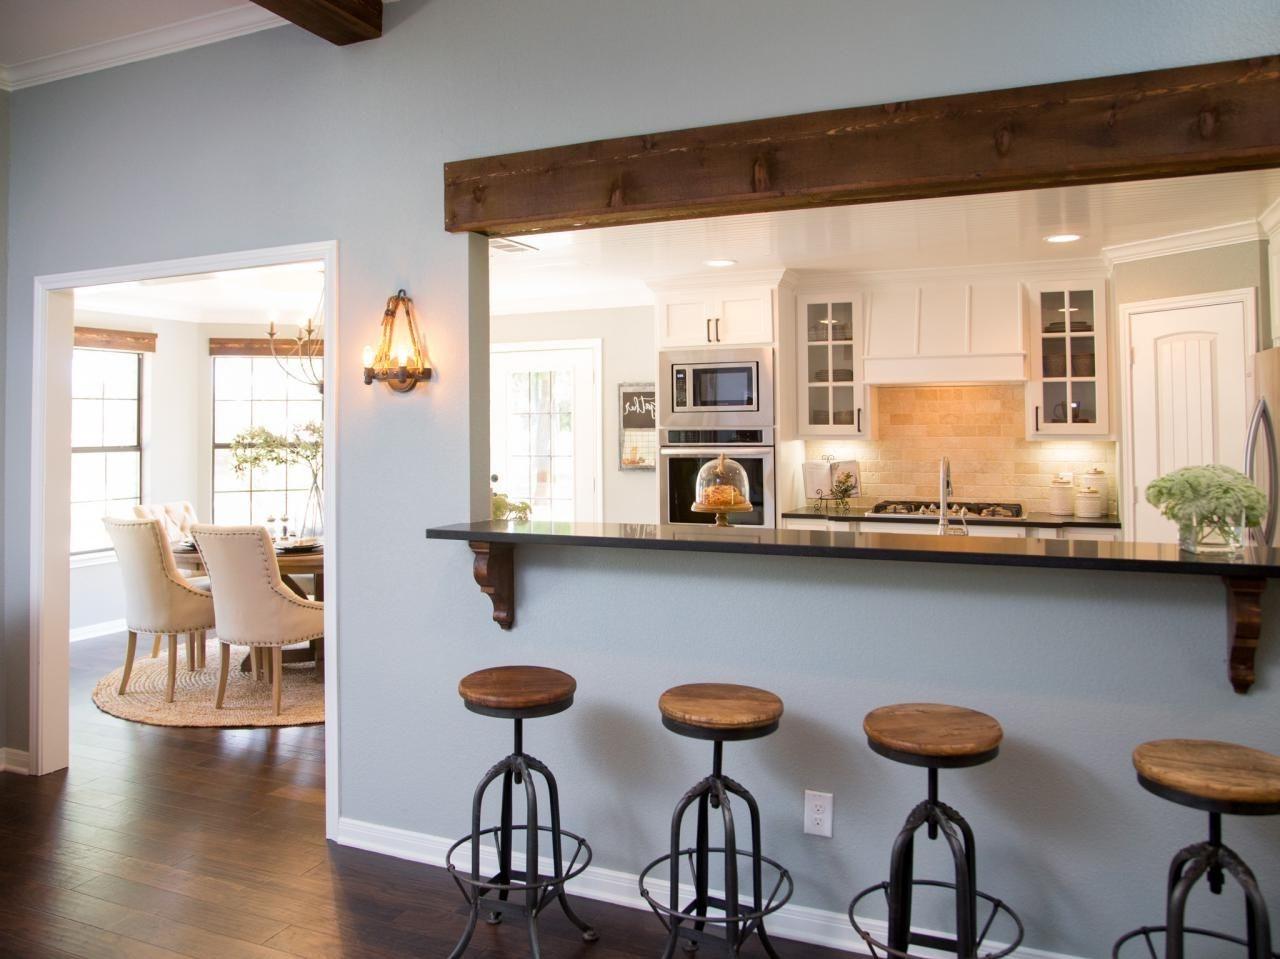 Créez une cuisine semi-ouverte sur séjour en utilisant un fenêtre.